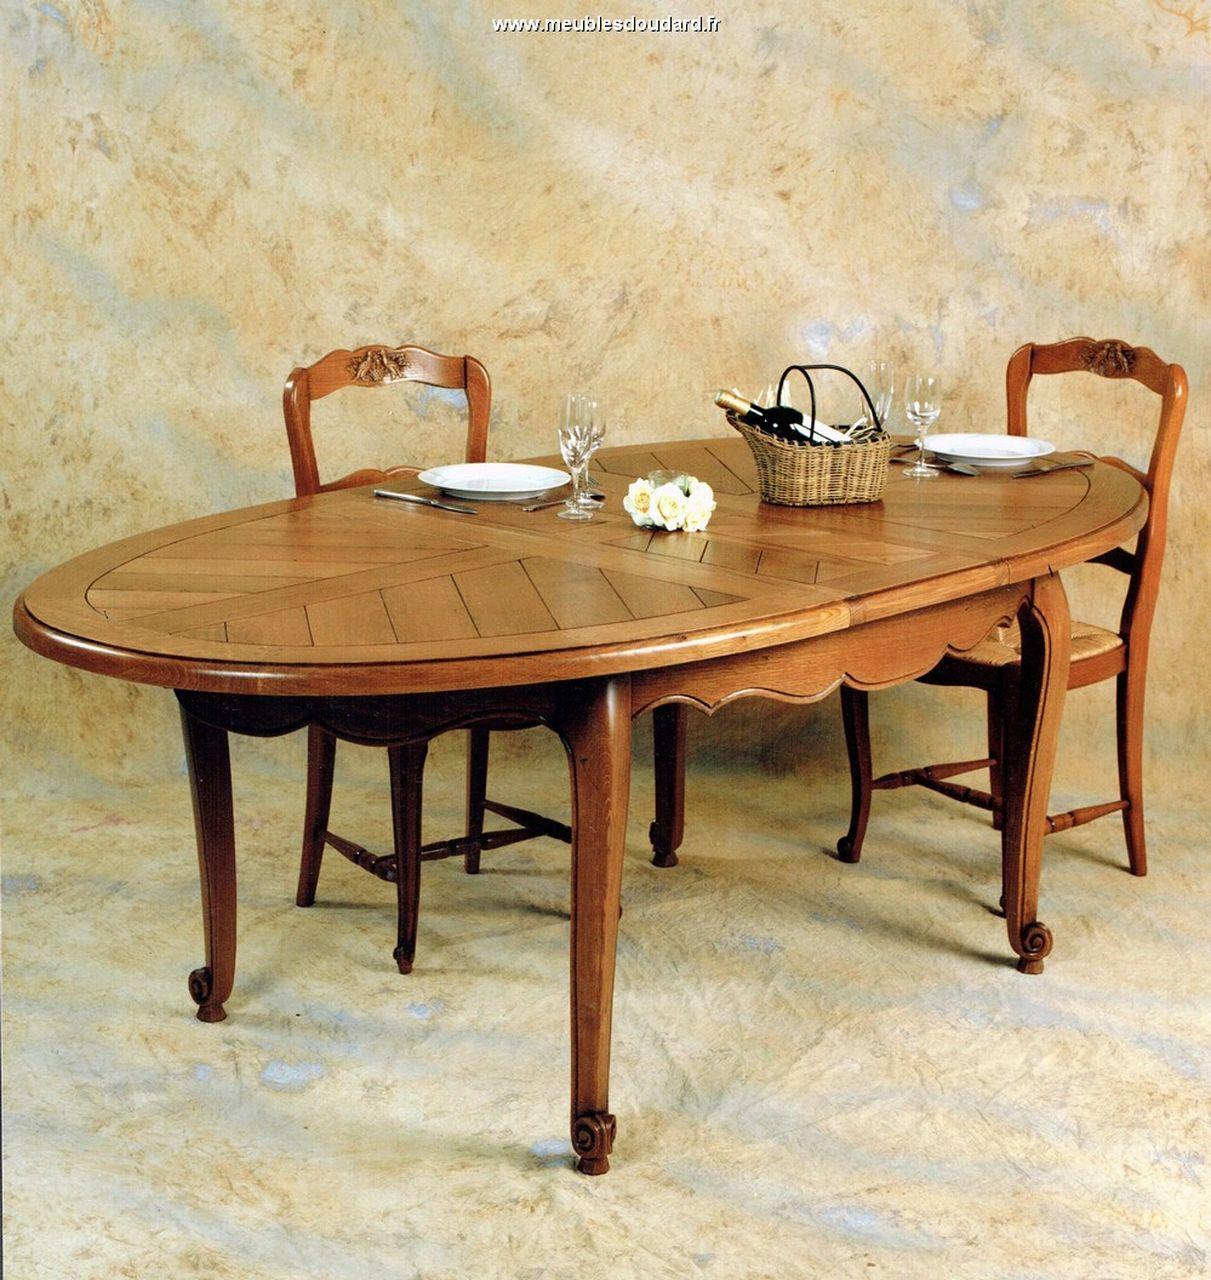 tavolo ovale tavolo ovale in rovere tavolo ovale in rovere luigi xv